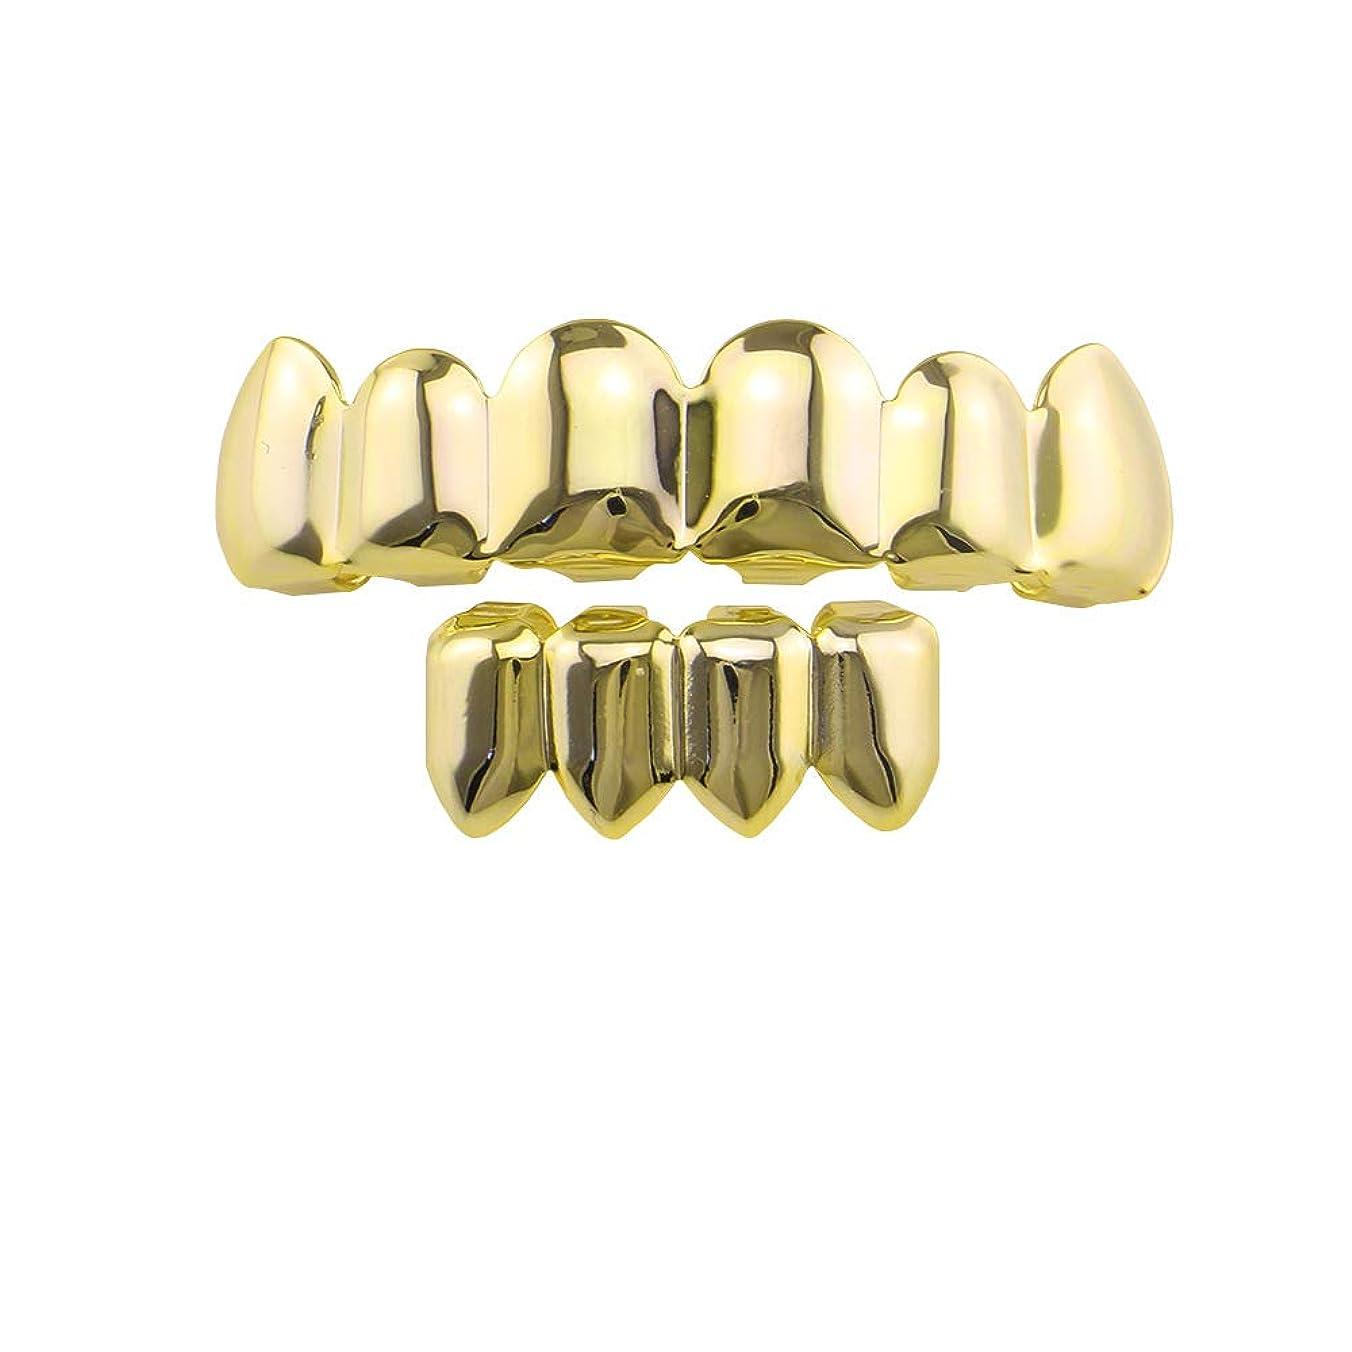 ポルティコジョイントアルバム光沢のあるヒップホップの歯ヨーロッパとアメリカのジュエリーゴールドメッキゴールドブレースユニセックスファッションヒップホップの歯ジュエリー装飾銅歯ブレースハロウィーンの装飾,B